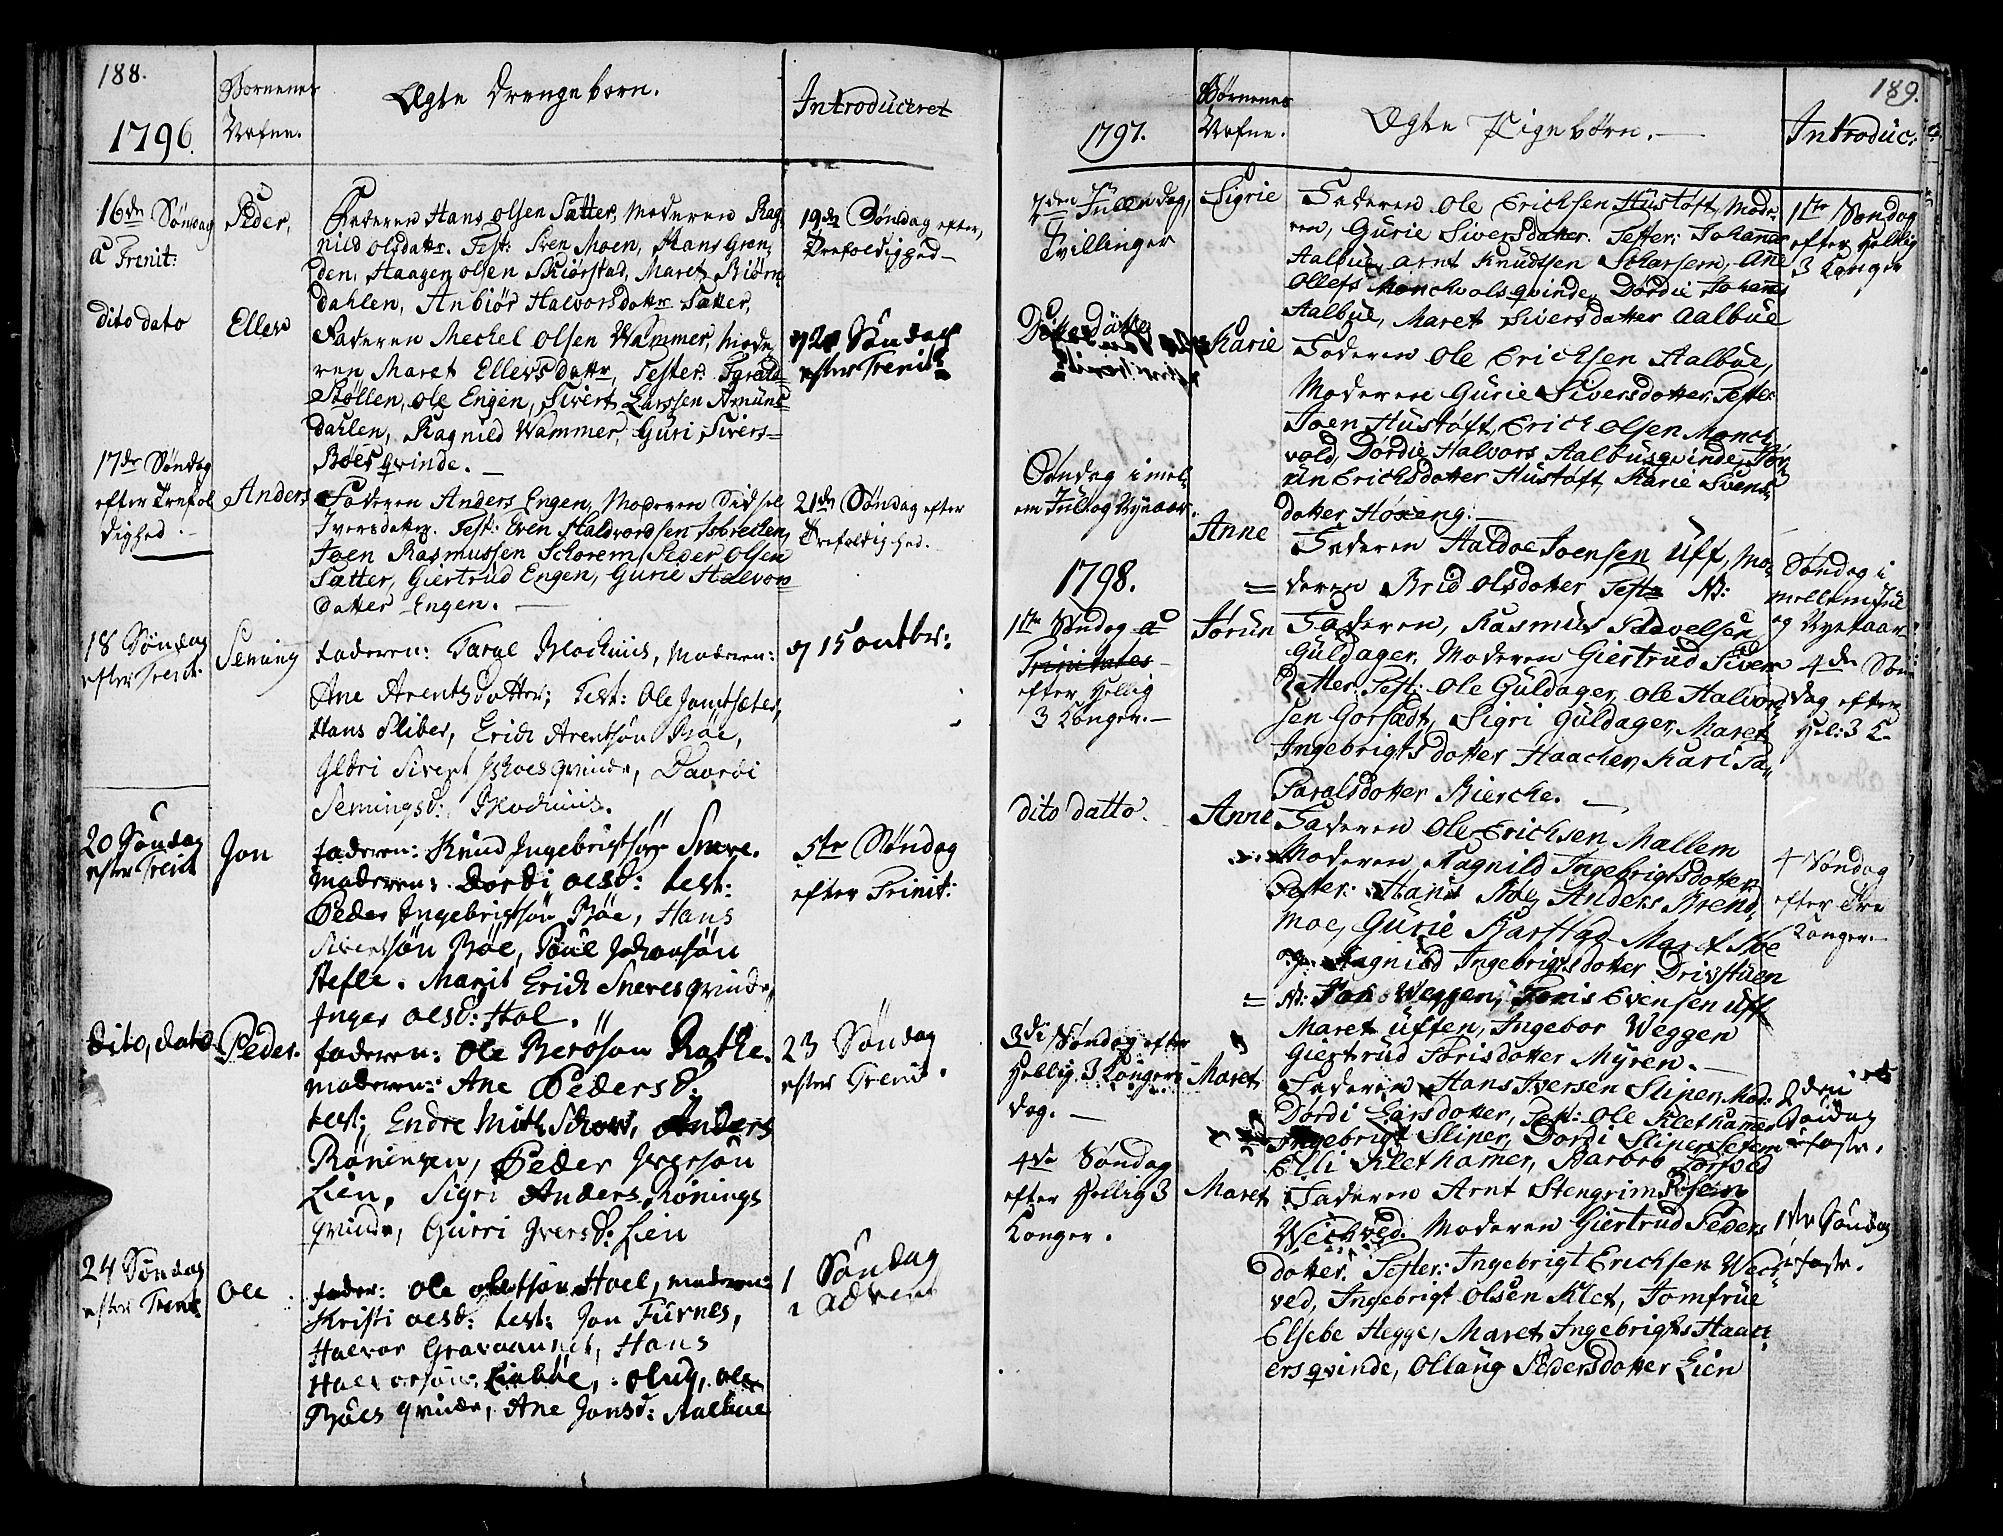 SAT, Ministerialprotokoller, klokkerbøker og fødselsregistre - Sør-Trøndelag, 678/L0893: Ministerialbok nr. 678A03, 1792-1805, s. 188-189